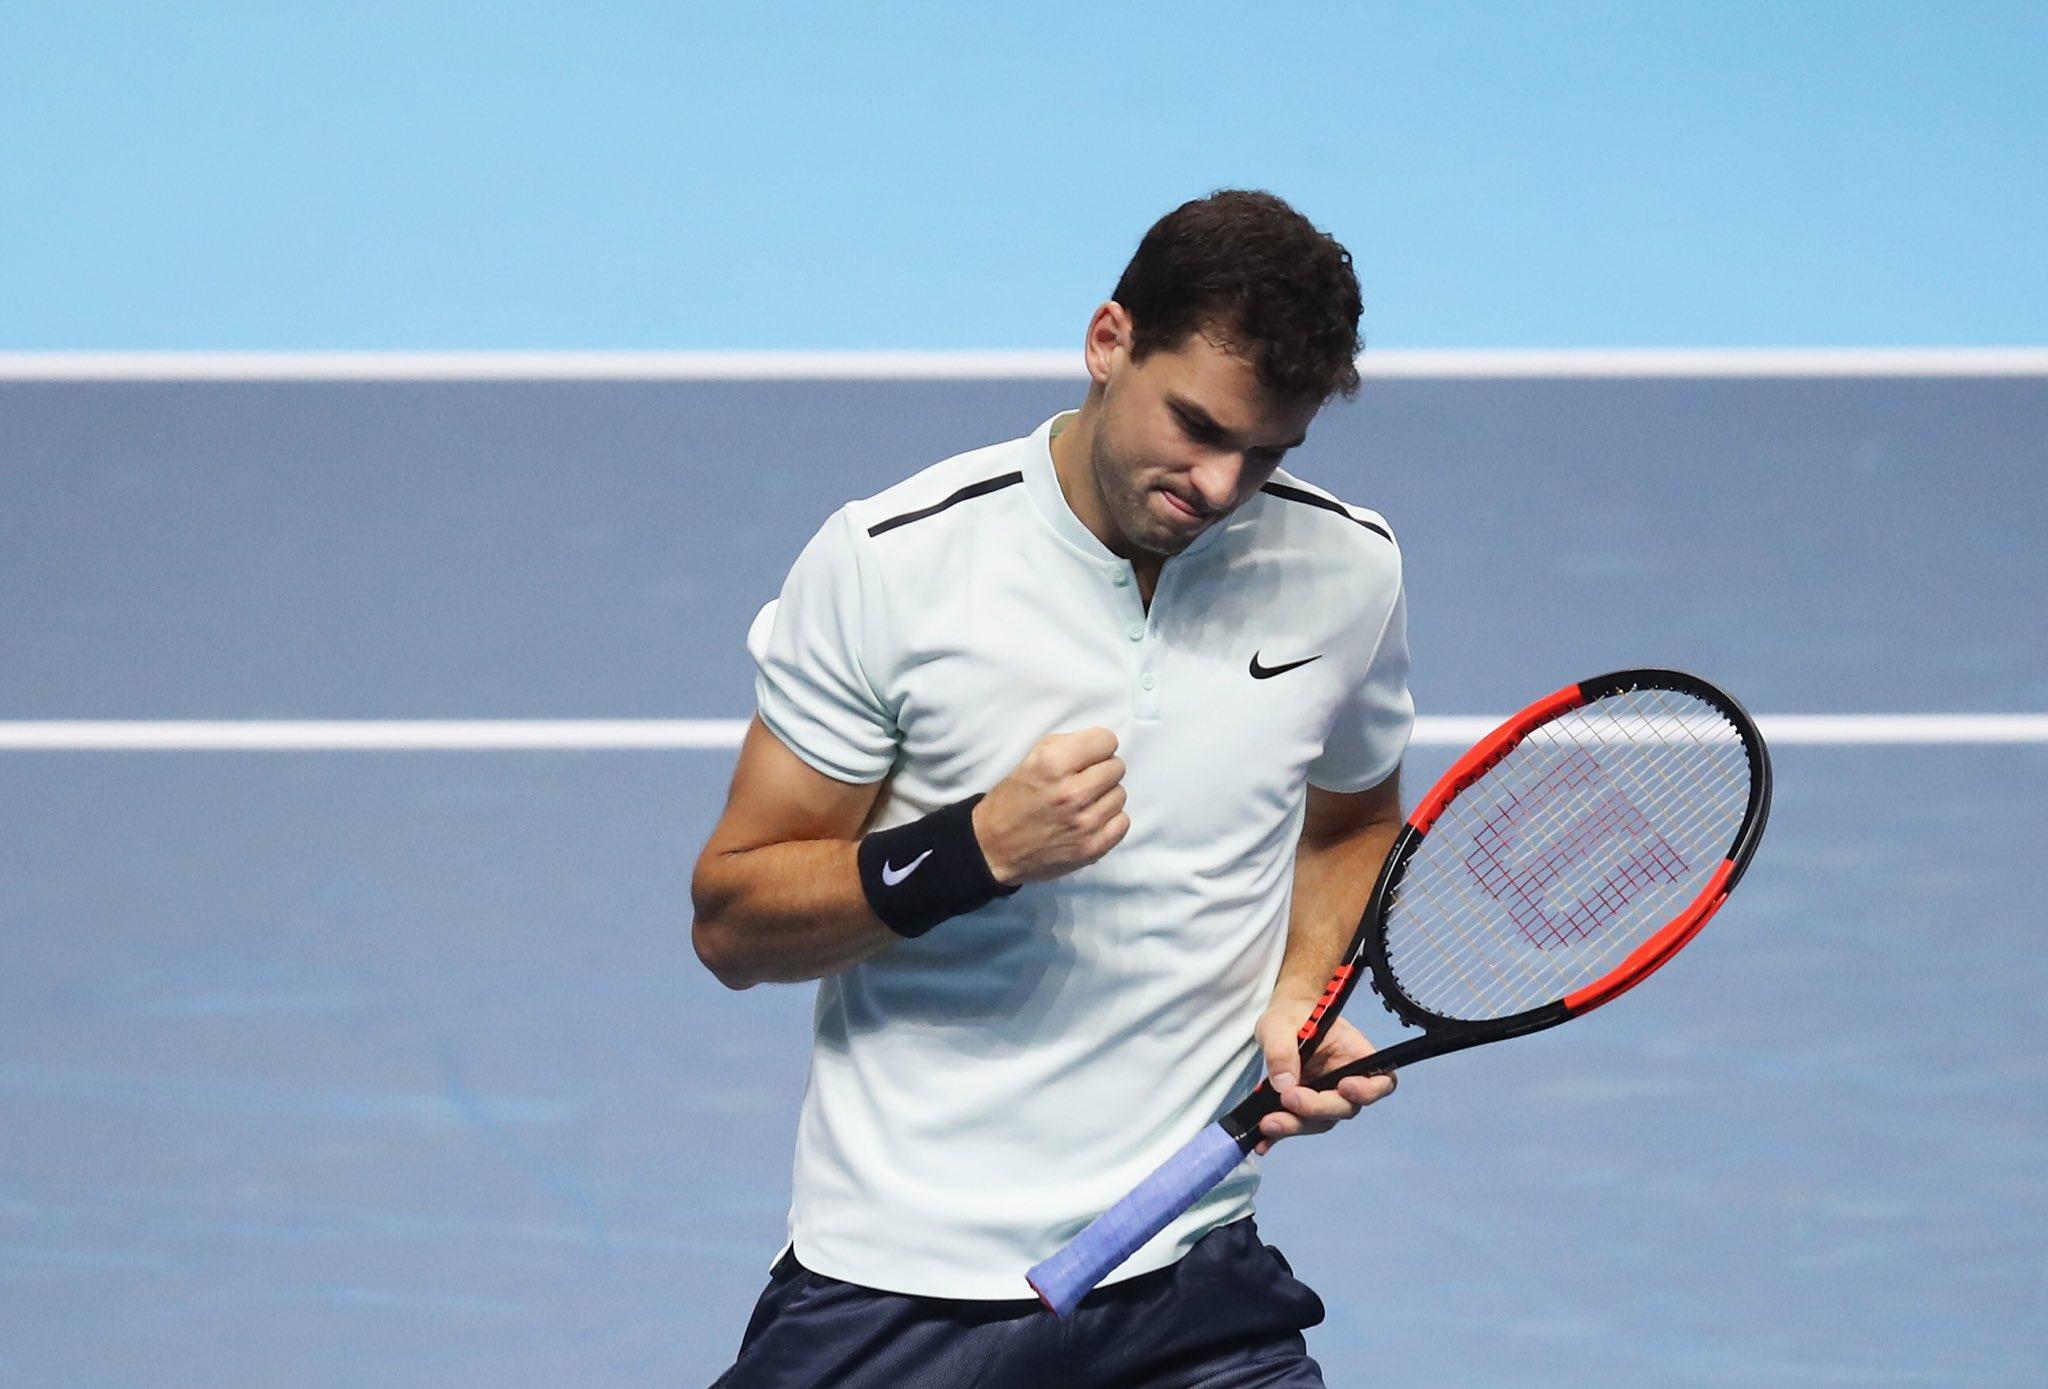 Димитров со епска победа во дебито на АТП финалето